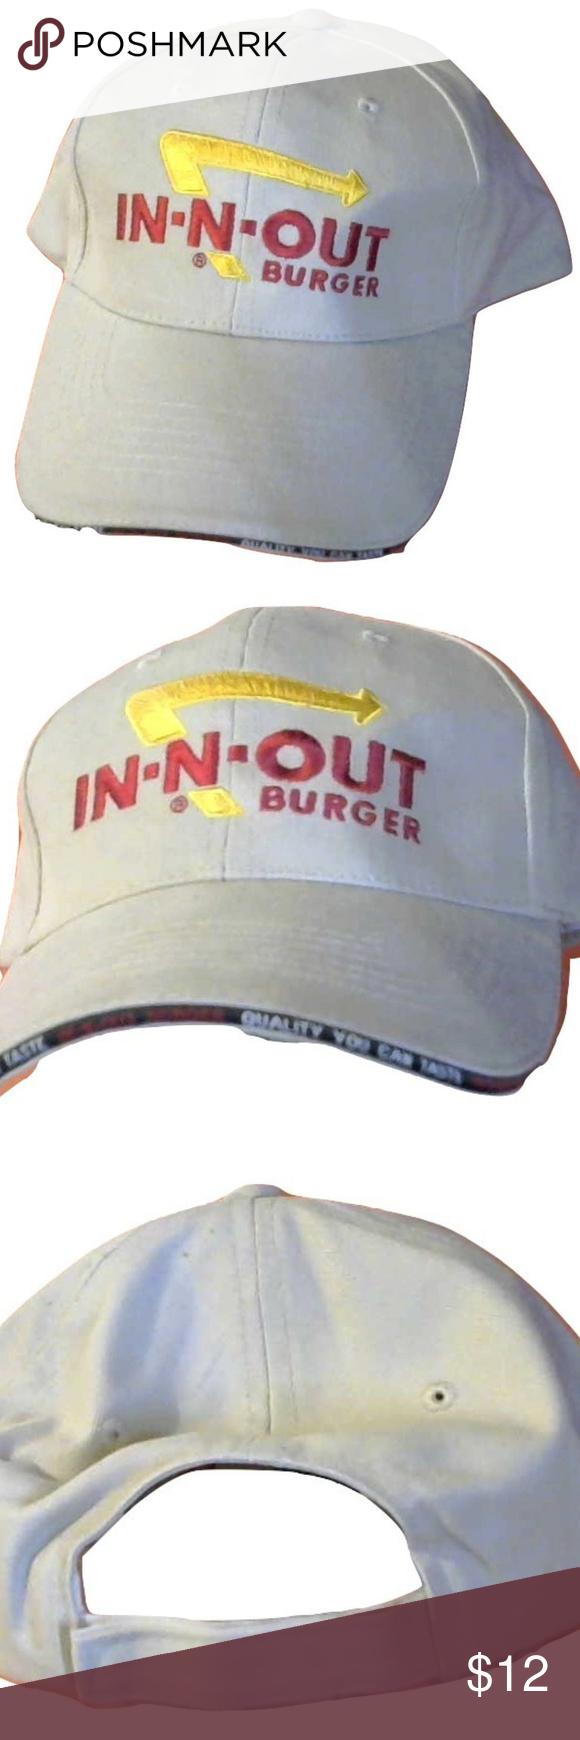 In N Out Burger Ball Cap Ball Cap In N Out Burger Hat Outside Accessories Hats Ball Cap In N Out Burger Burger